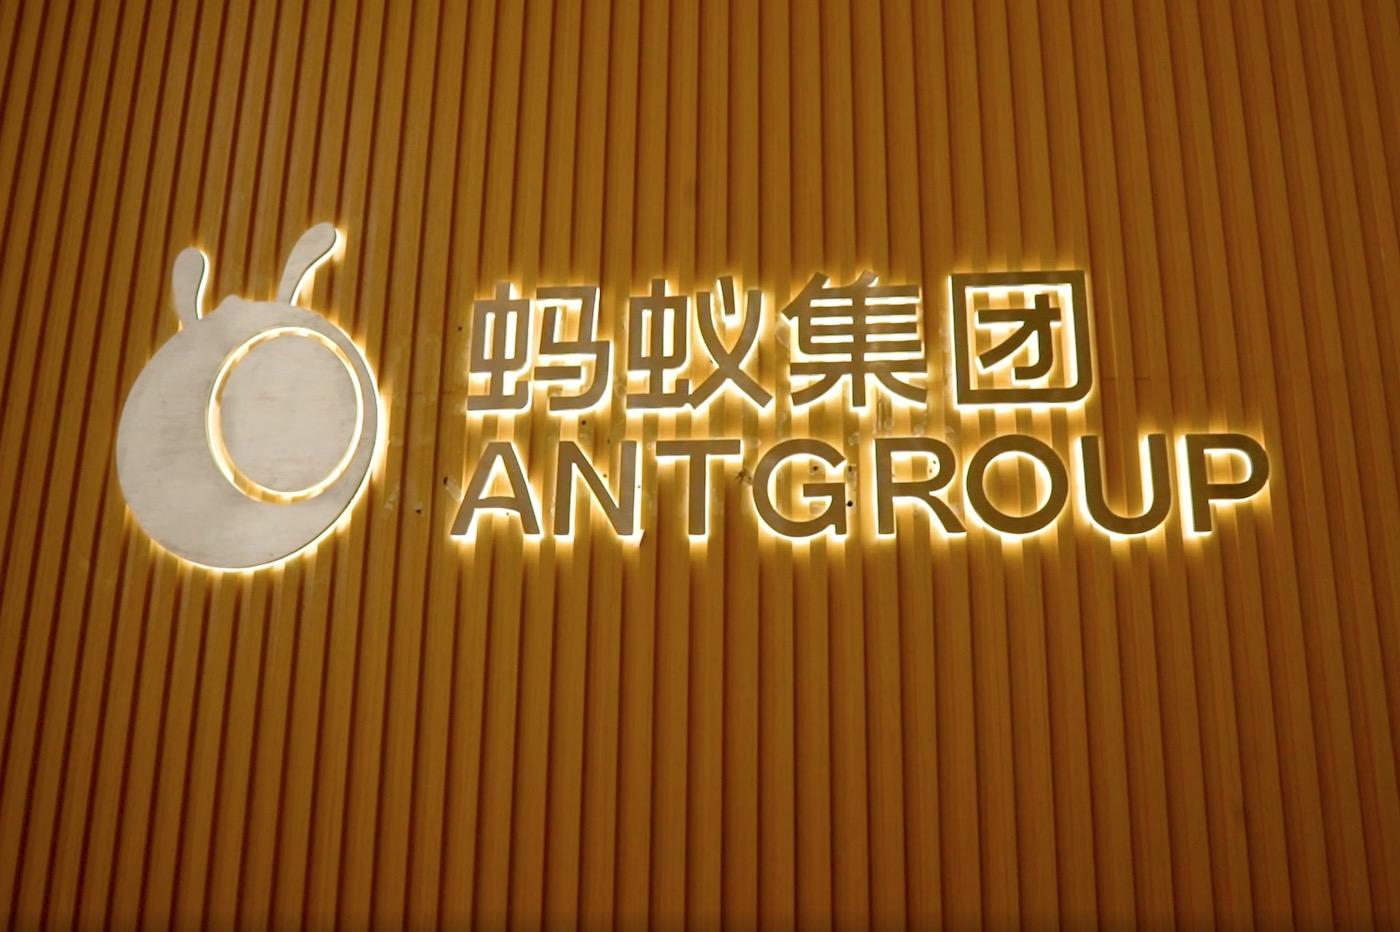 La Chine oblige Ant Group à une restructuration financière